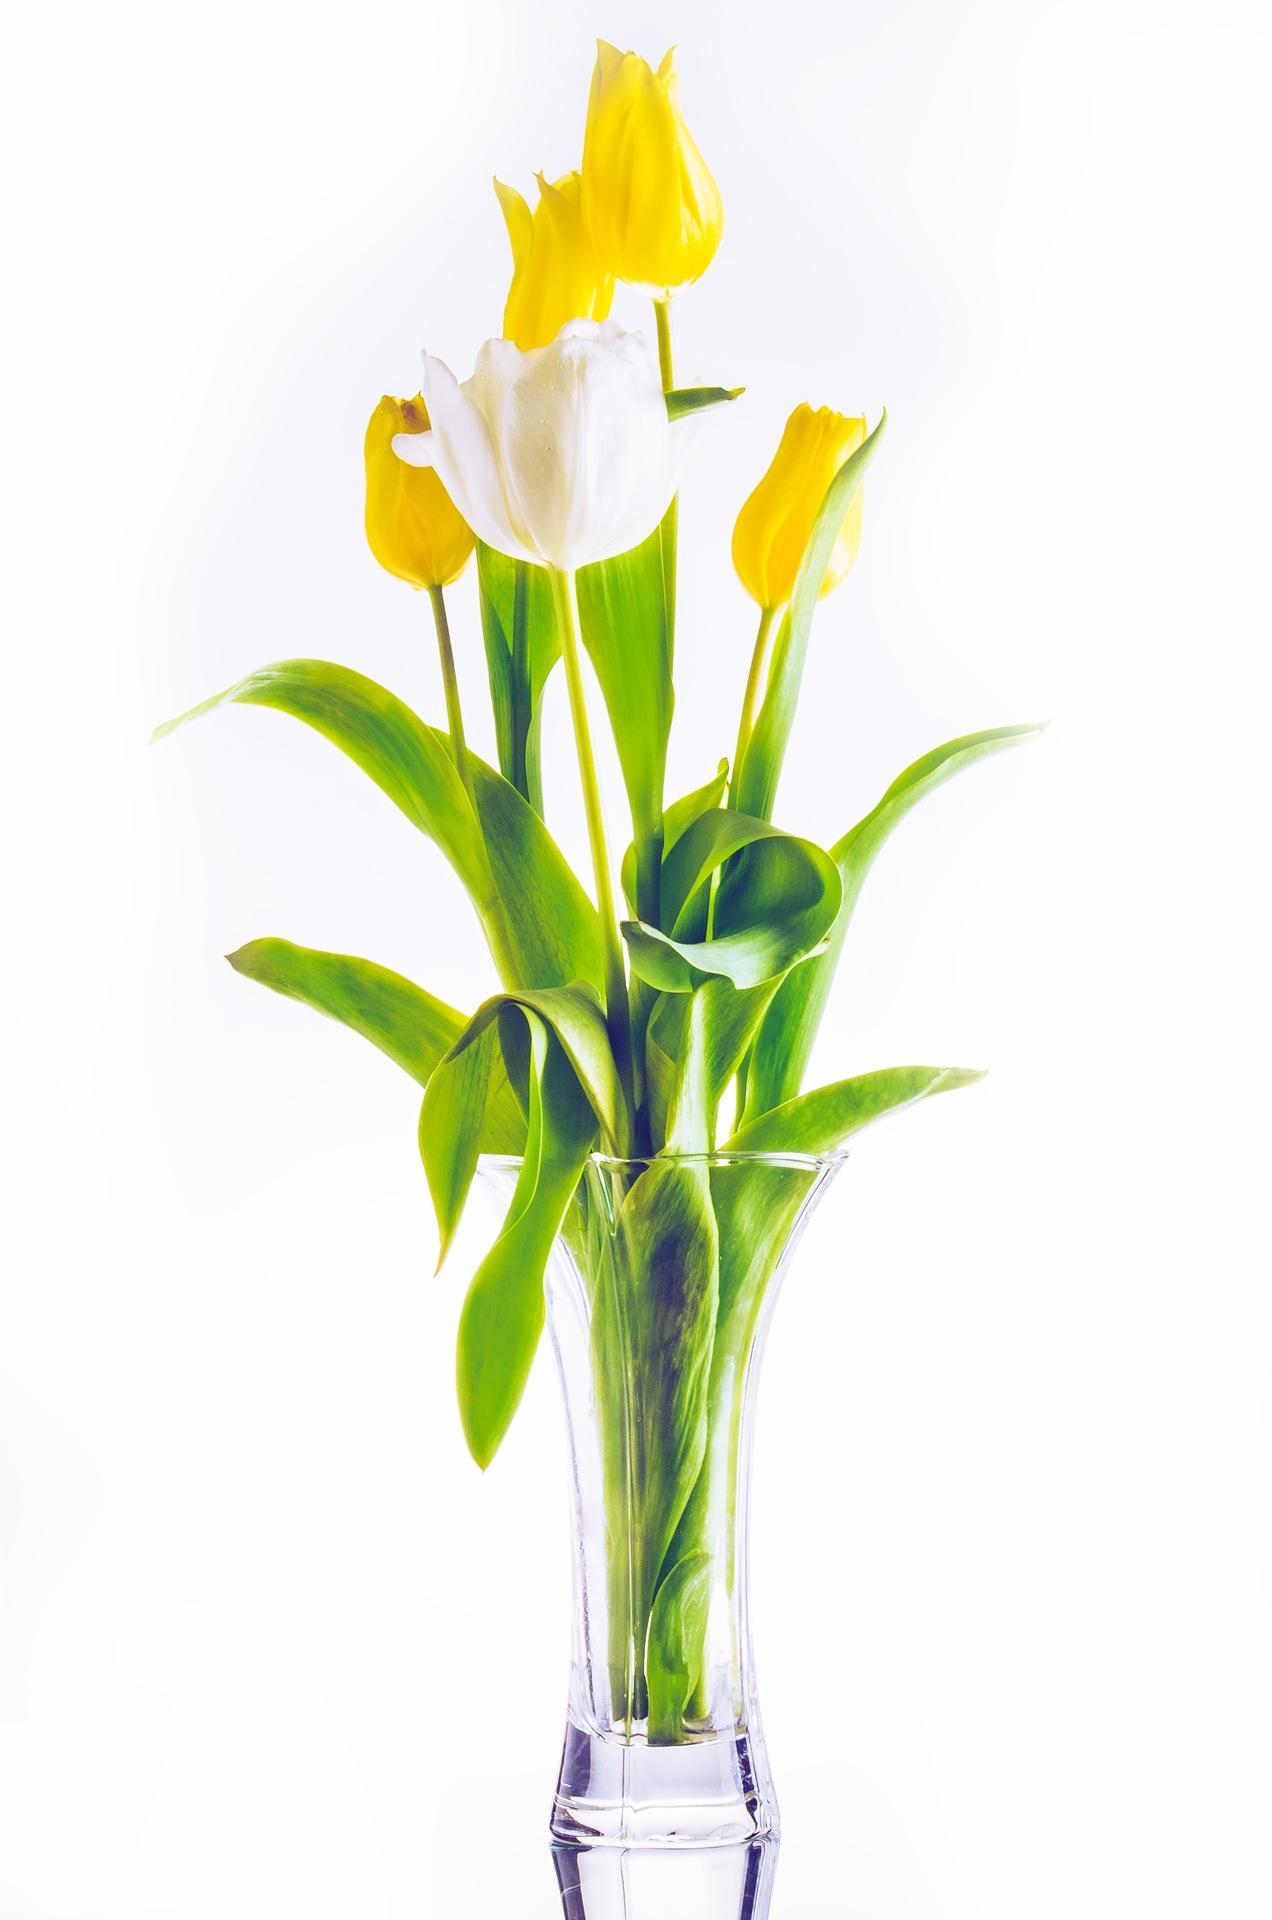 Tulips by Christian Ballé